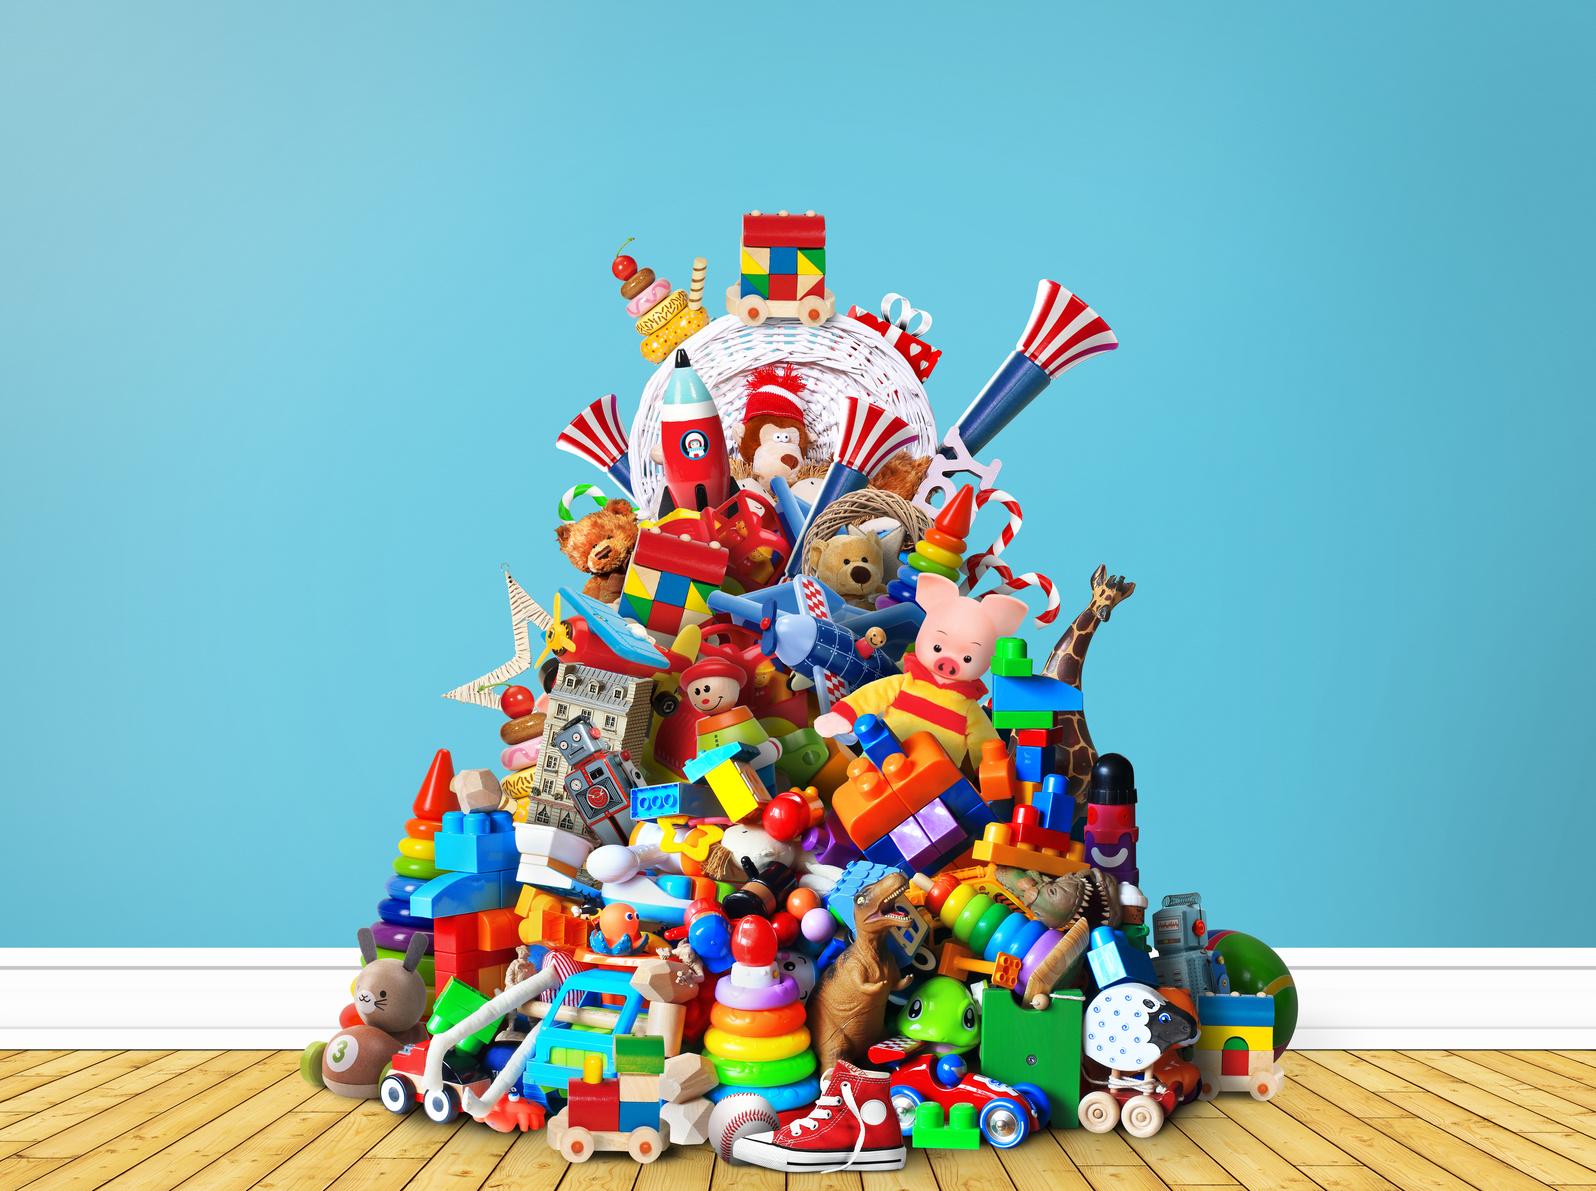 Oyun ve oyuncak üzerine bilinmesi gerekenler